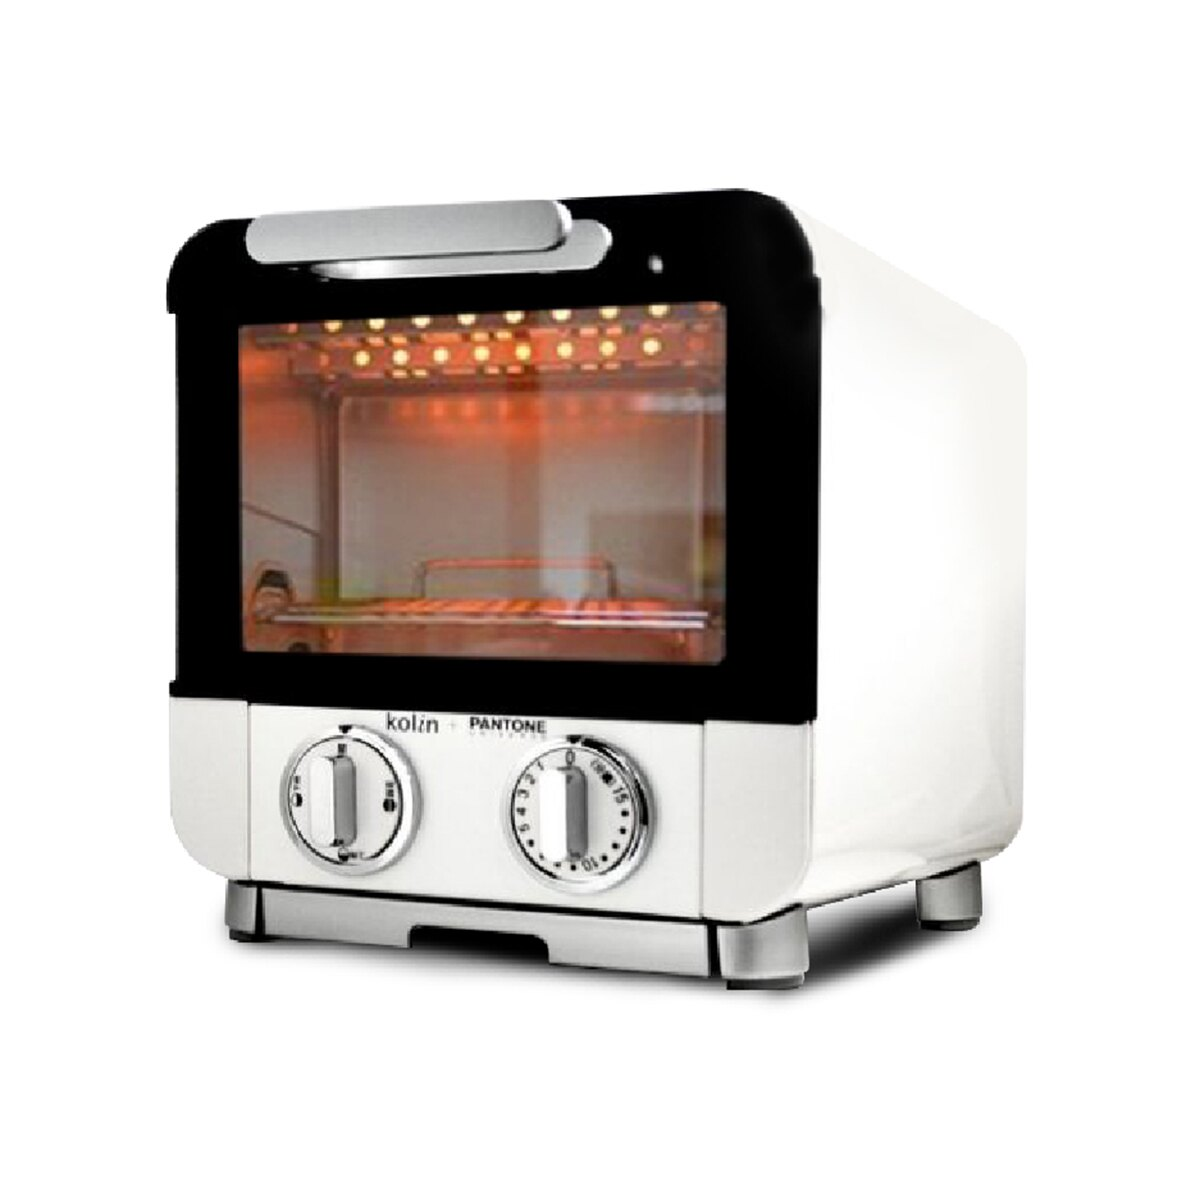 (預購)出貨【Kolin x Pantone聯名款】8L 雙旋鈕電烤箱 歌林 家用烤箱 烤吐司 烤麵包機 上下火烤爐 餅乾 烘培